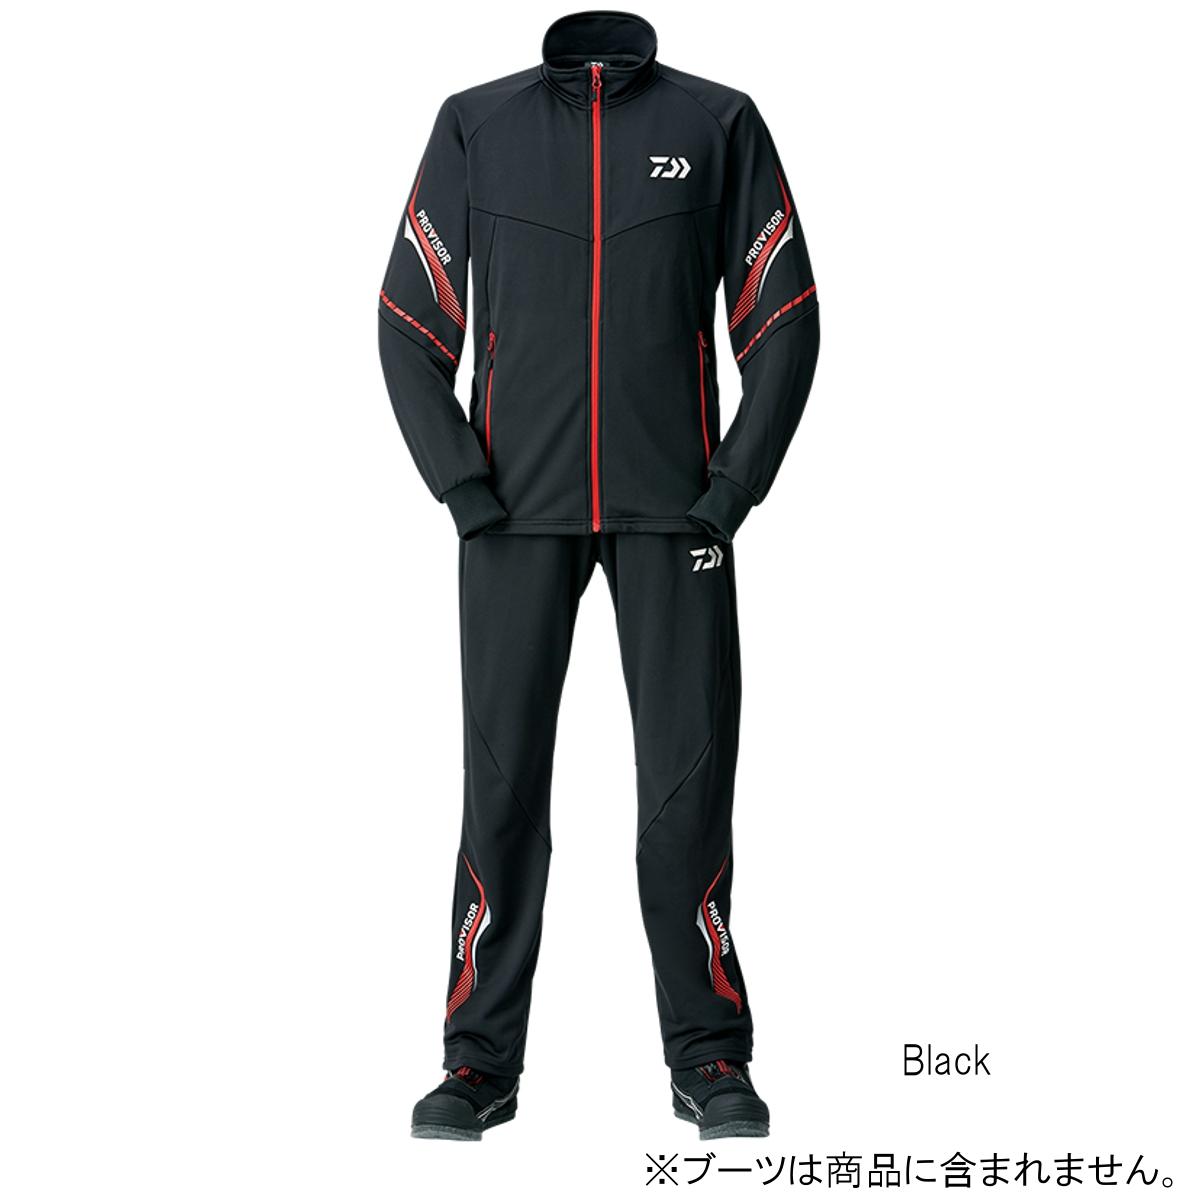 ダイワ プロバイザージャージスーツ DI-24008 L Black【送料無料】